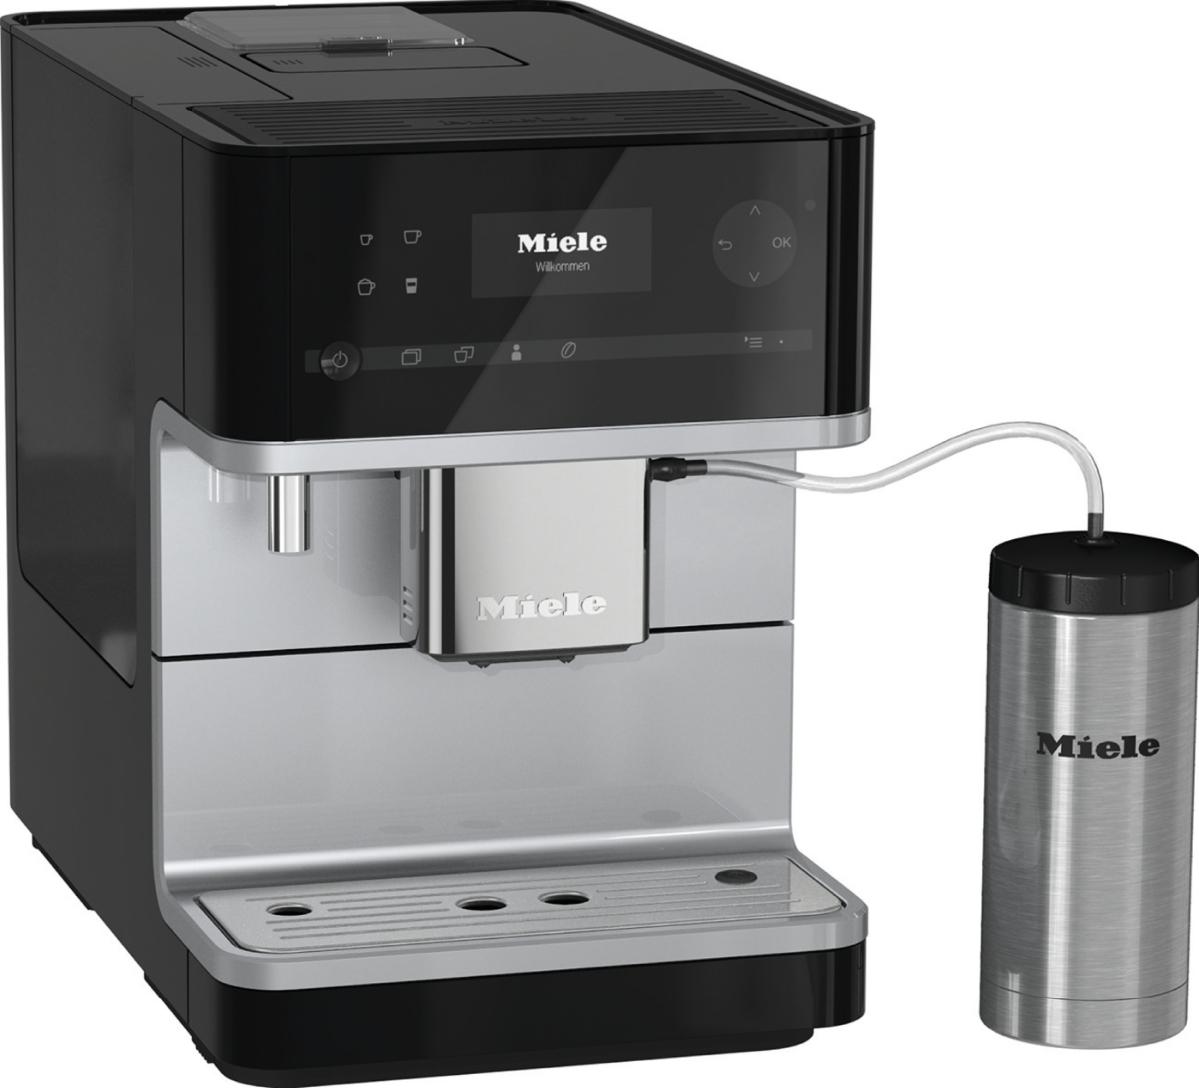 Miele CM 6350 Vrijstaande koffiemachine